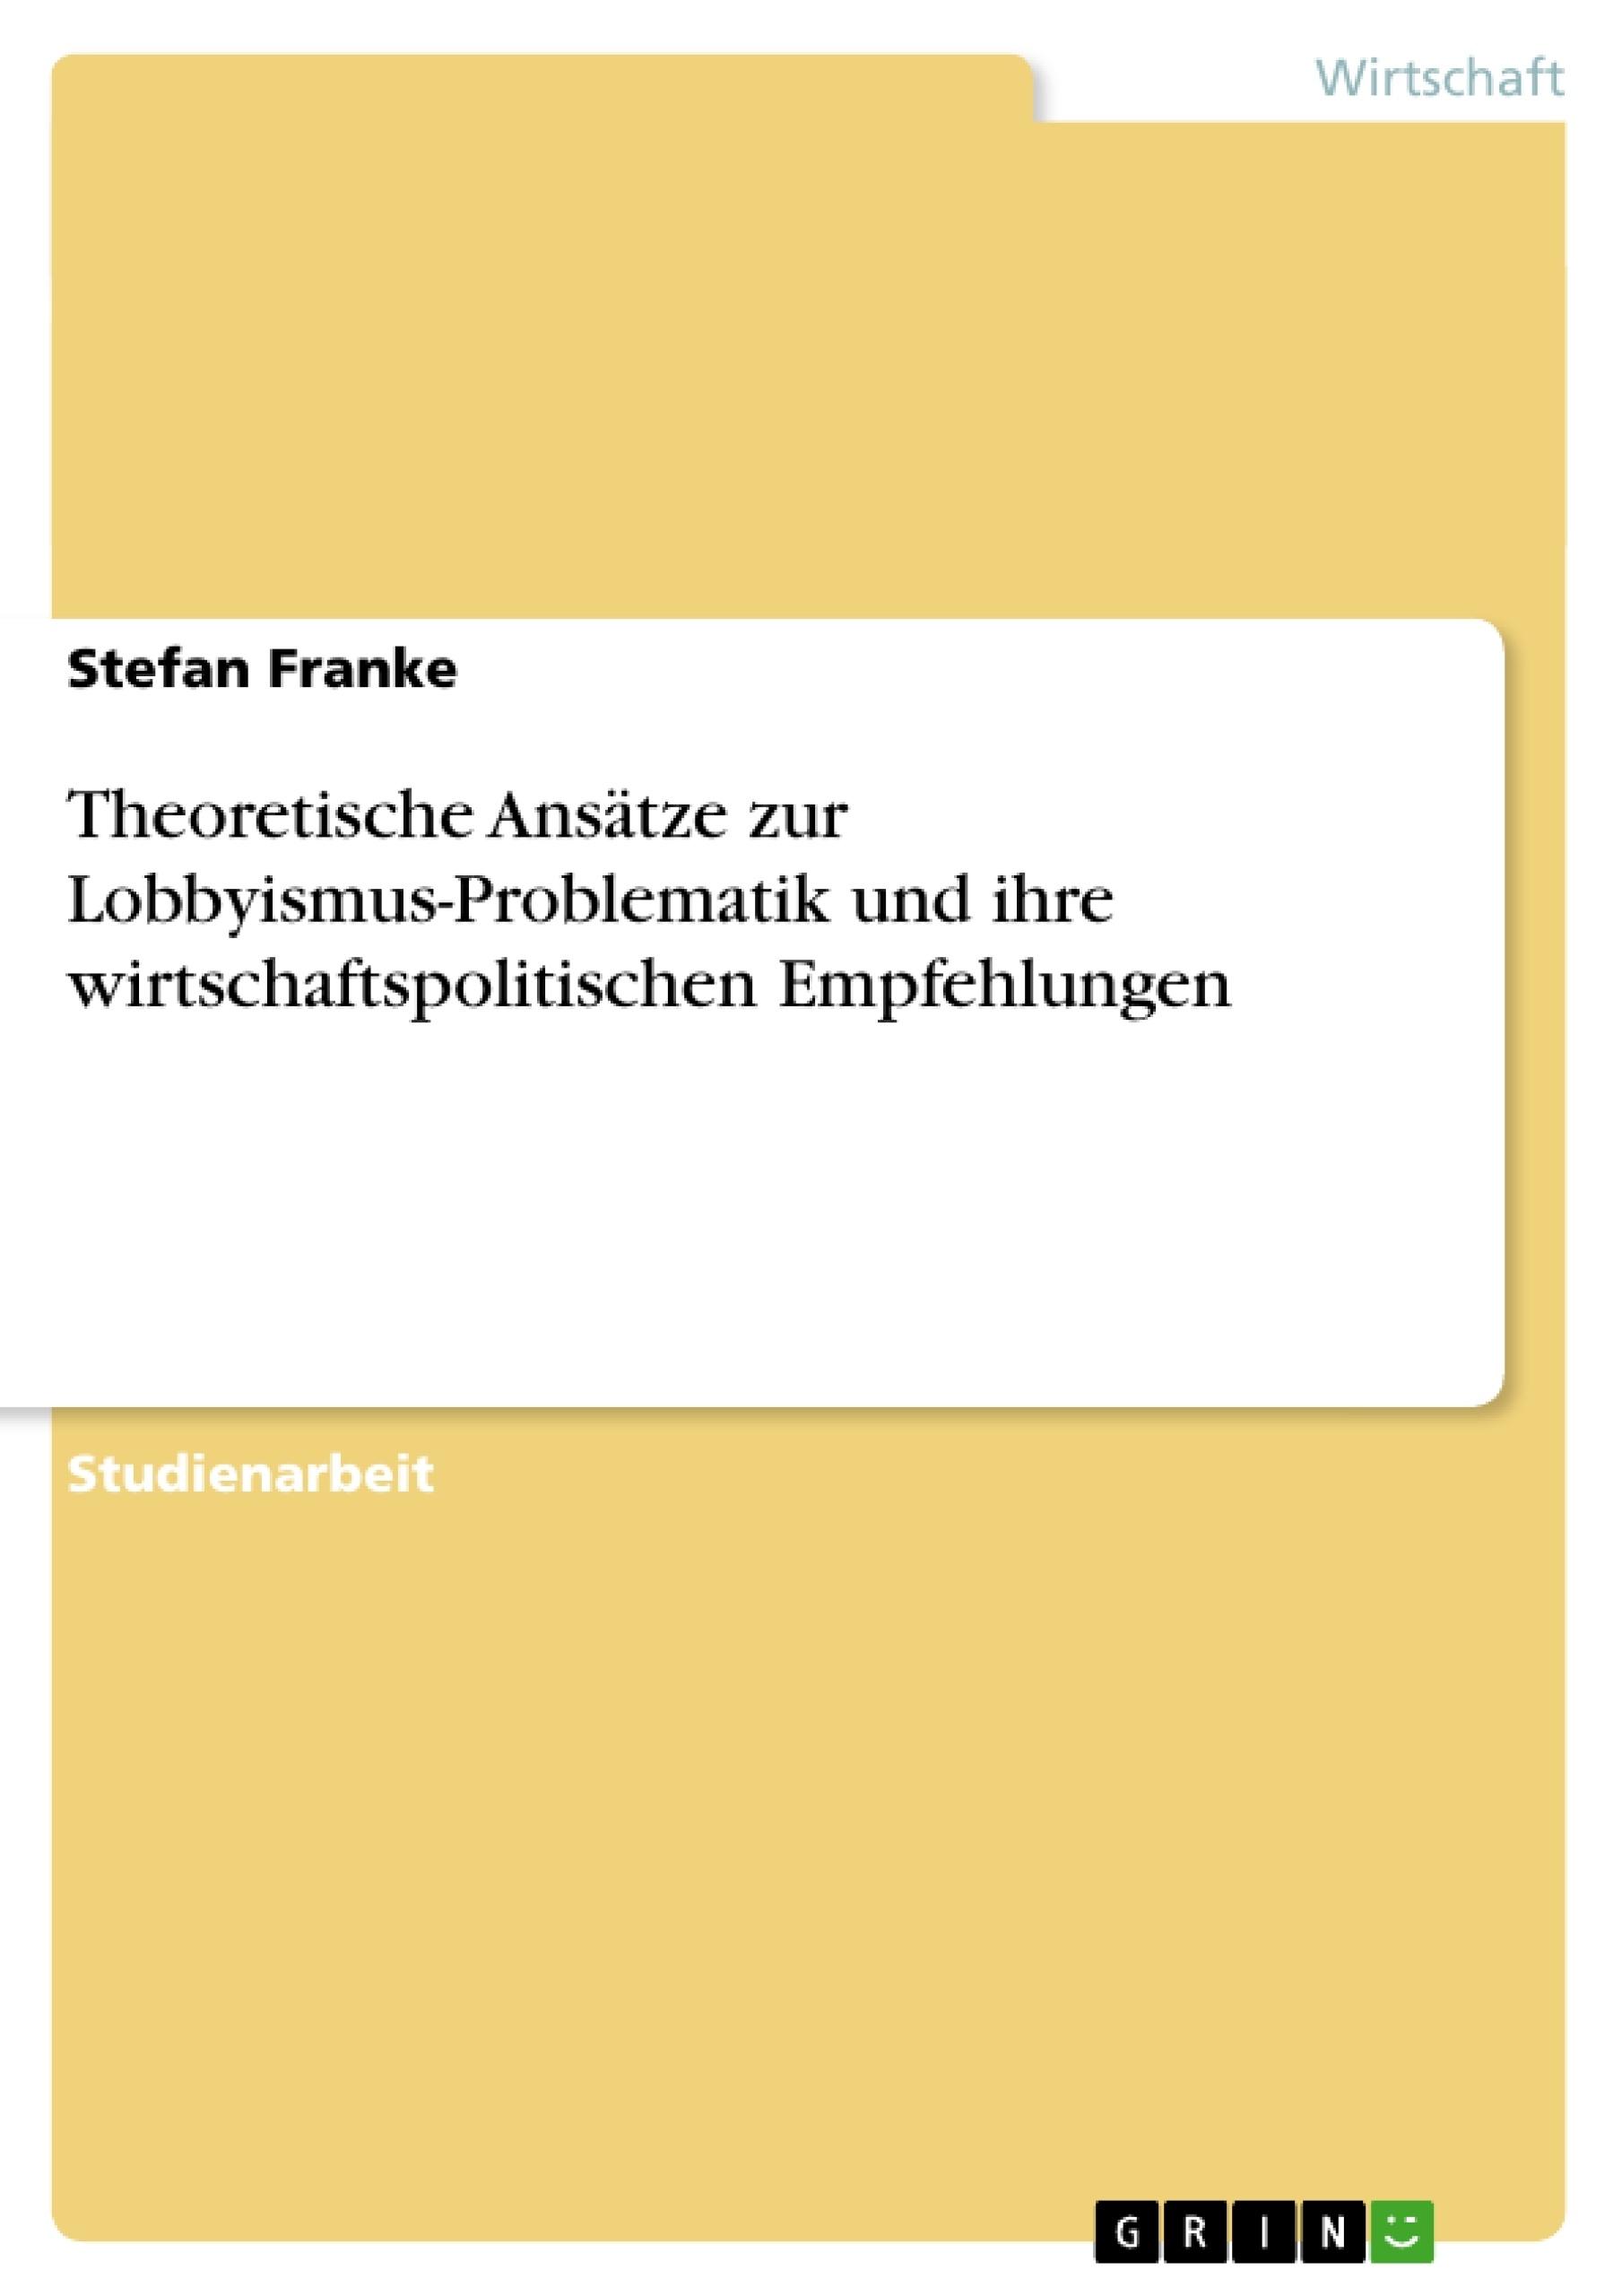 Titel: Theoretische Ansätze zur Lobbyismus-Problematik und ihre wirtschaftspolitischen Empfehlungen